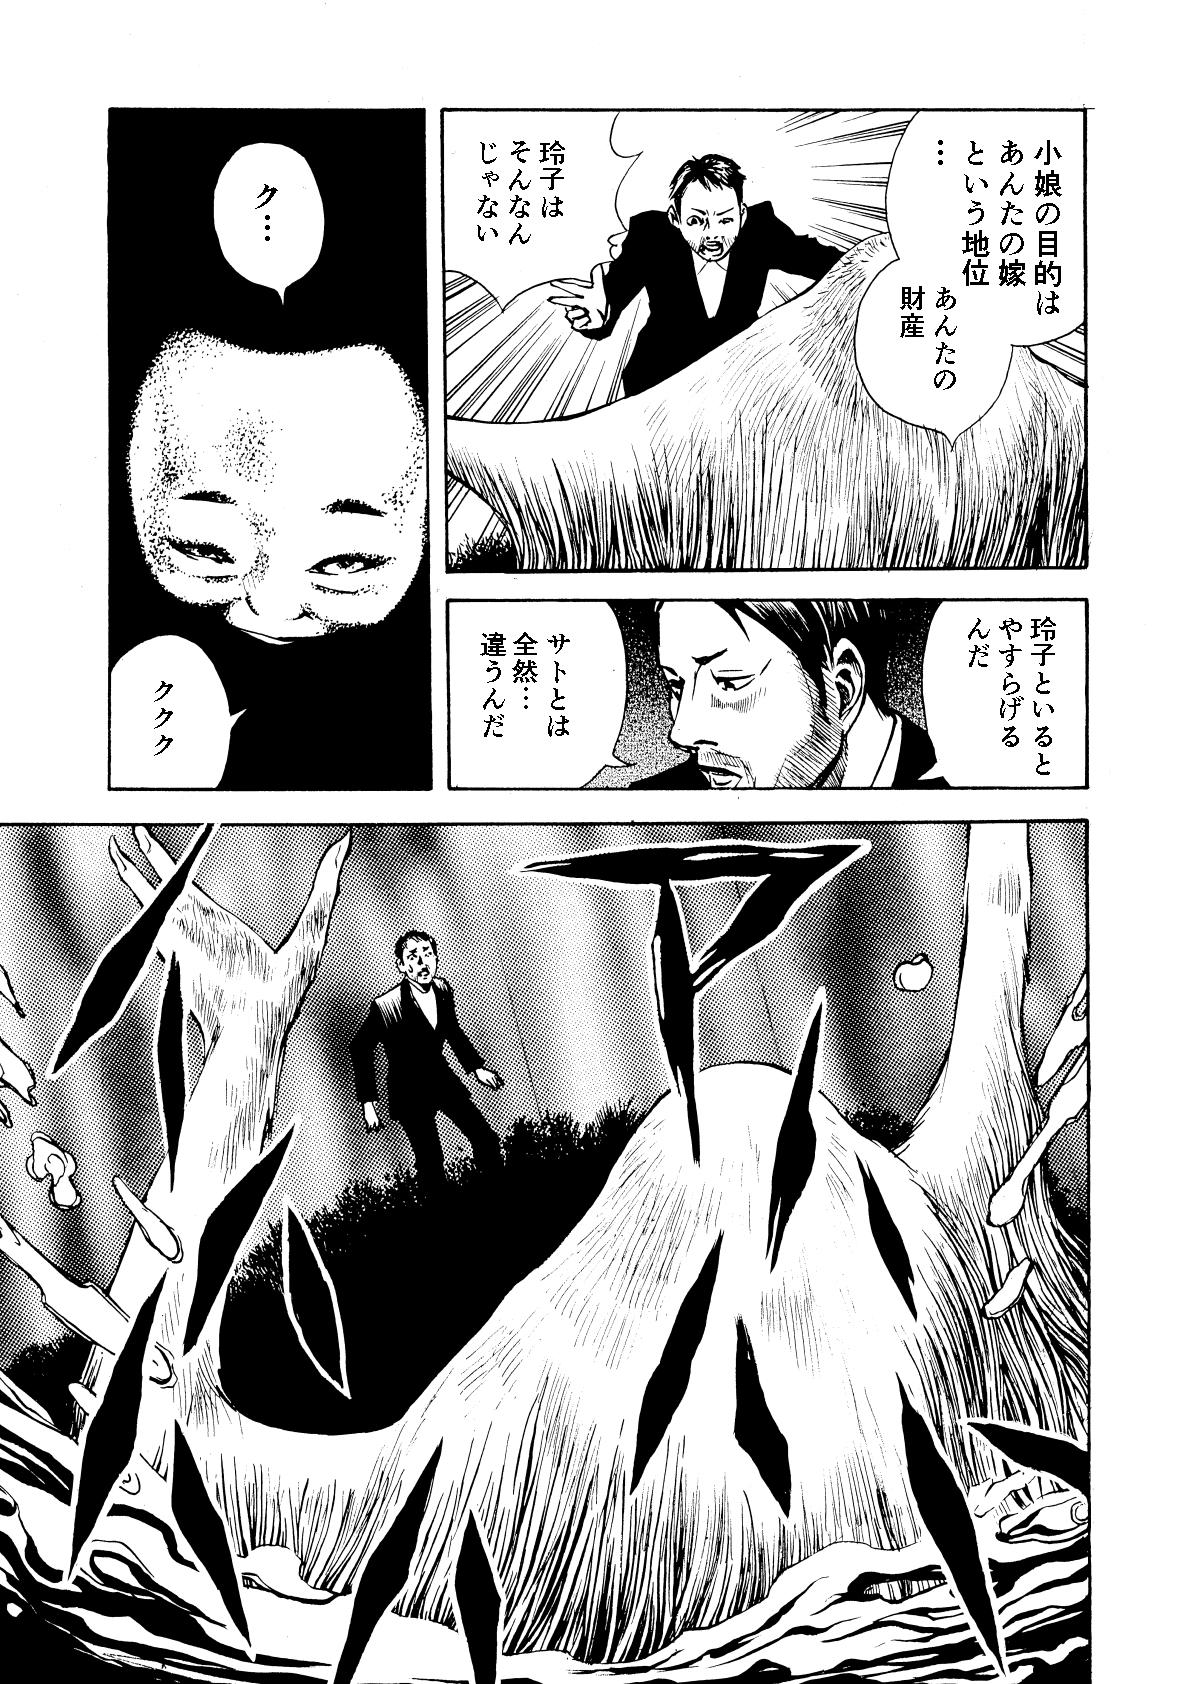 山童_やまわろ_019.jpg